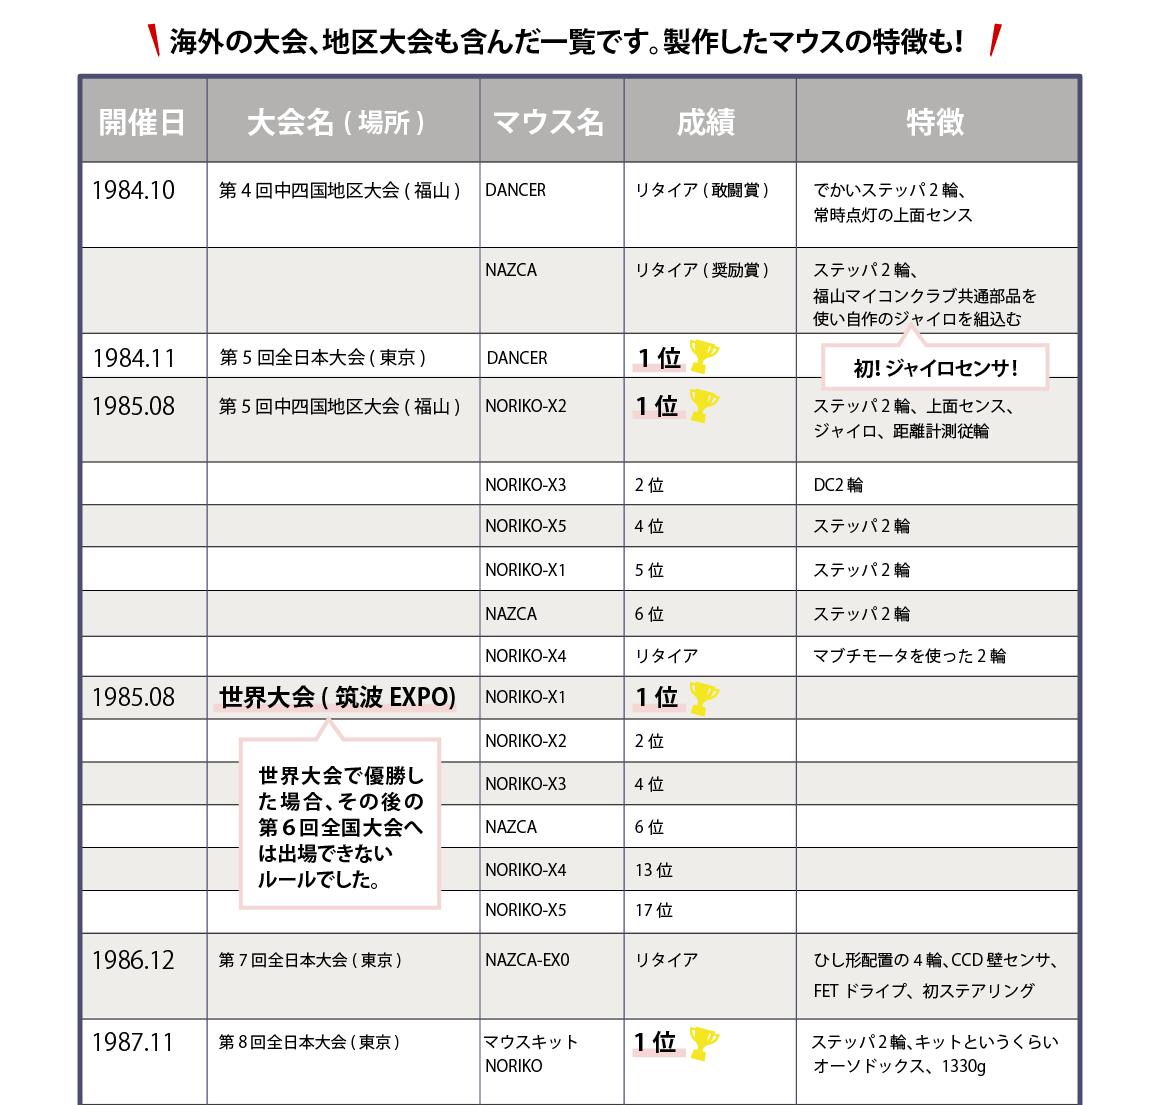 井谷のマイクロマウス成績表【1】1984年第4回中四国地区大会(福山)~1987年第8回全日本大会(東京)まで